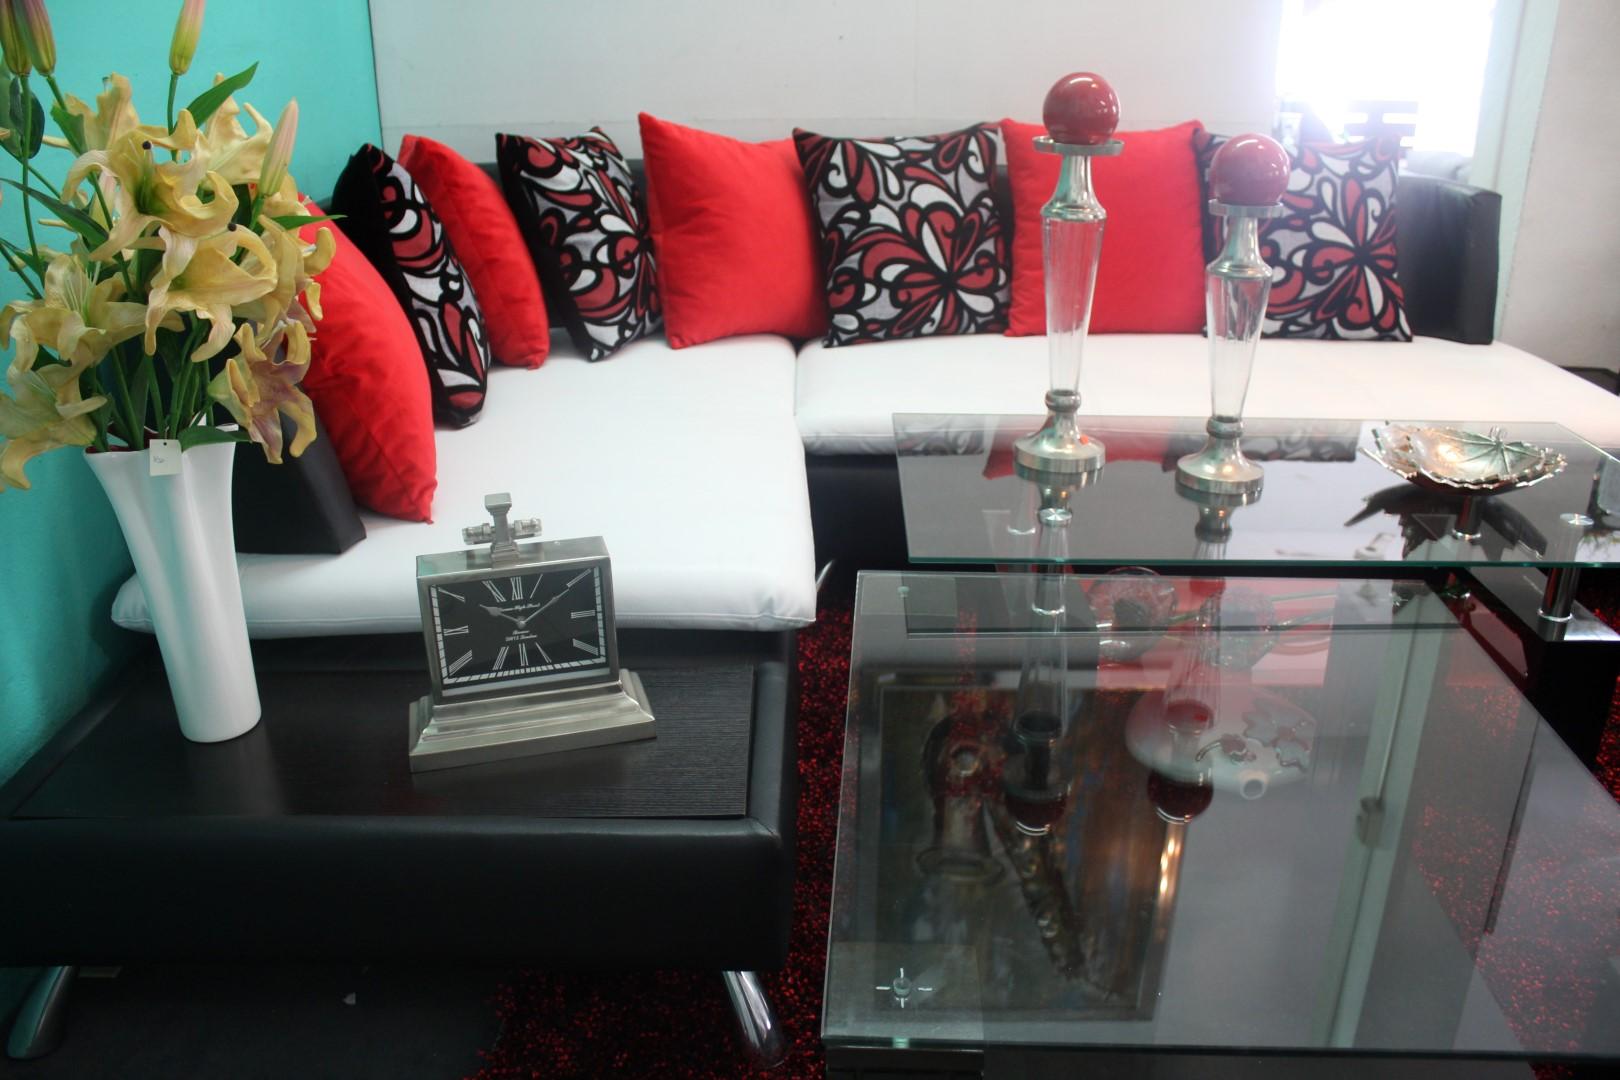 Mueble tipo l en todos los colores calidad 1a homero muebles - Muebles de decoracion modernos ...